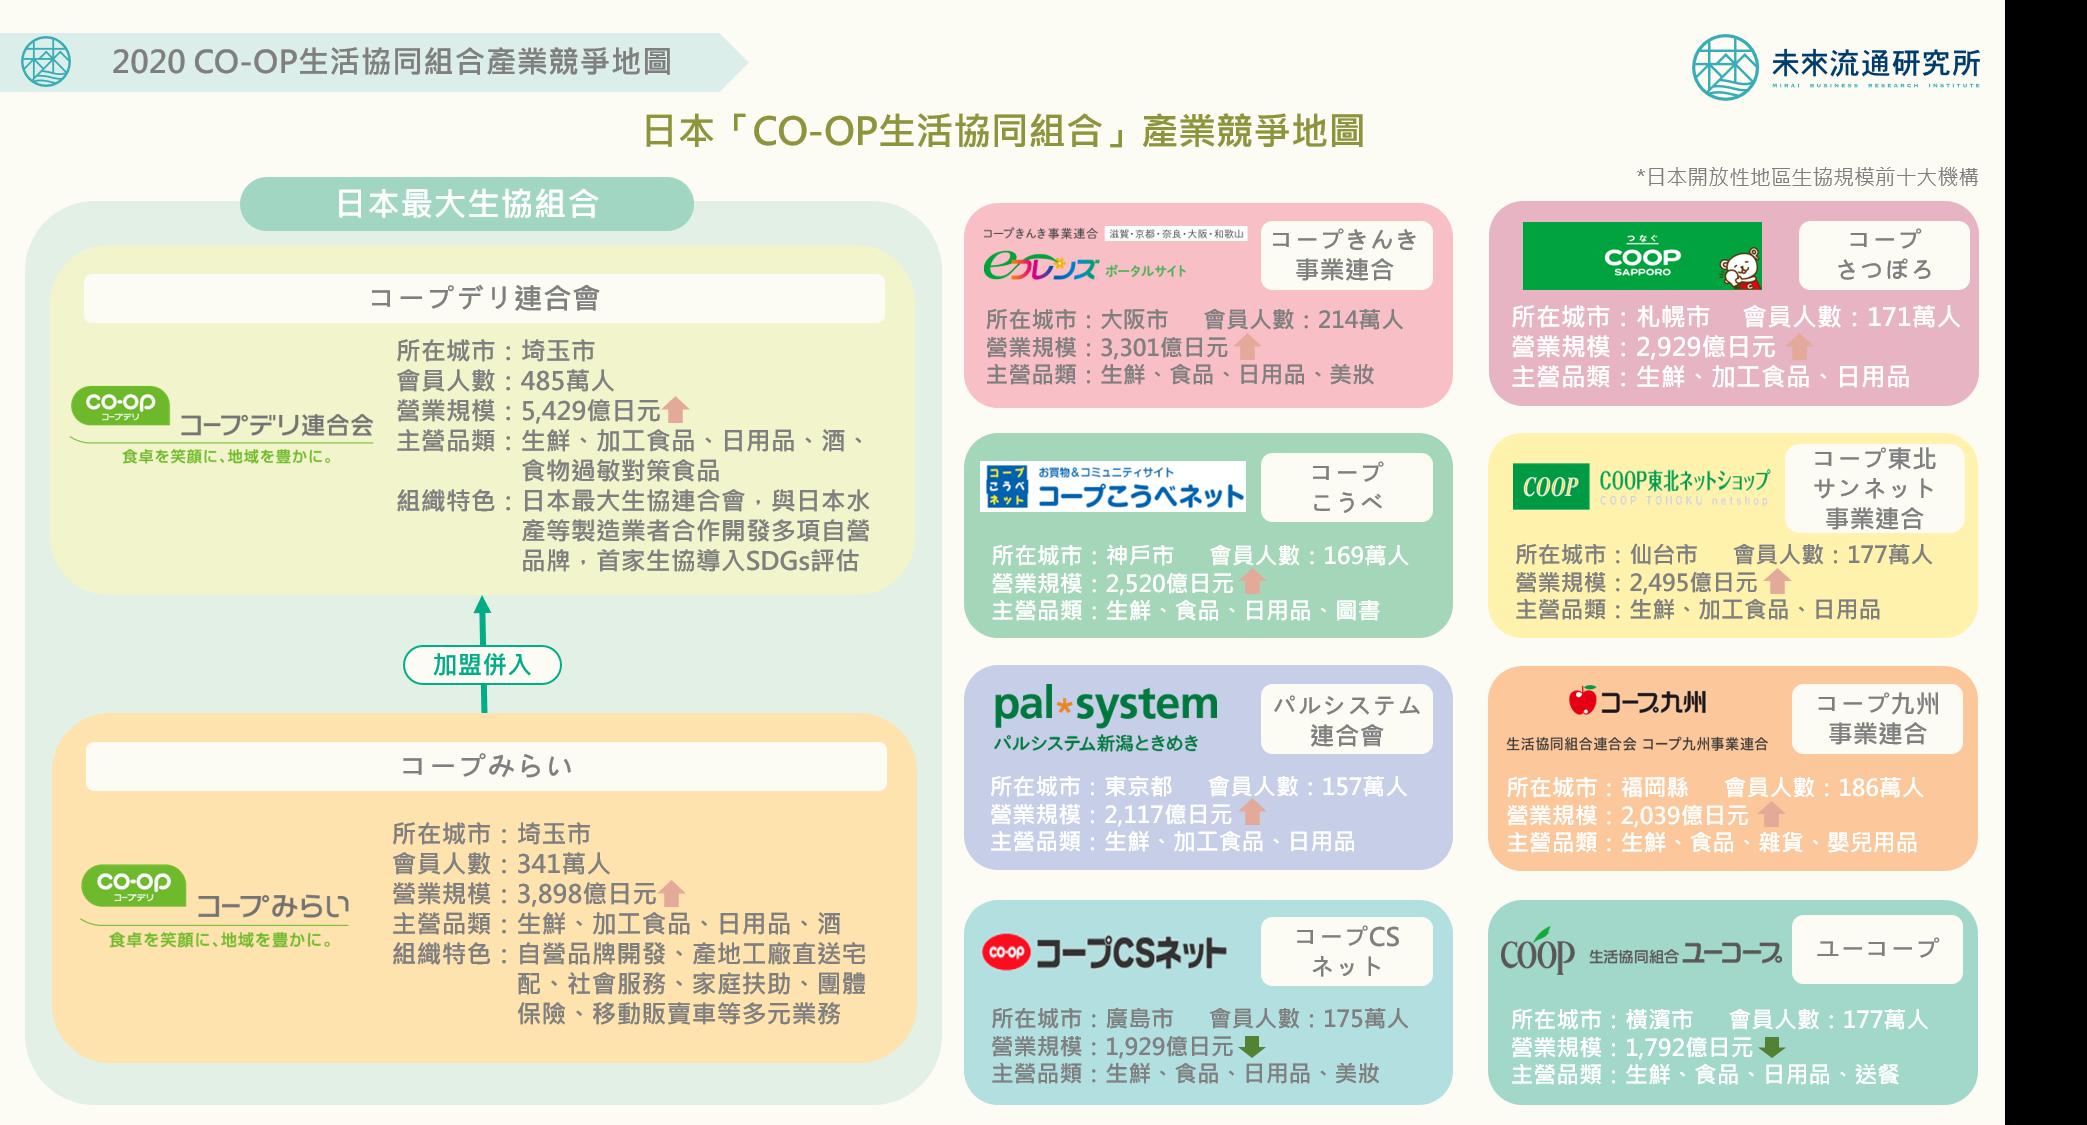 【會員專屬報告】2020 CO-OP生協產業輿圖